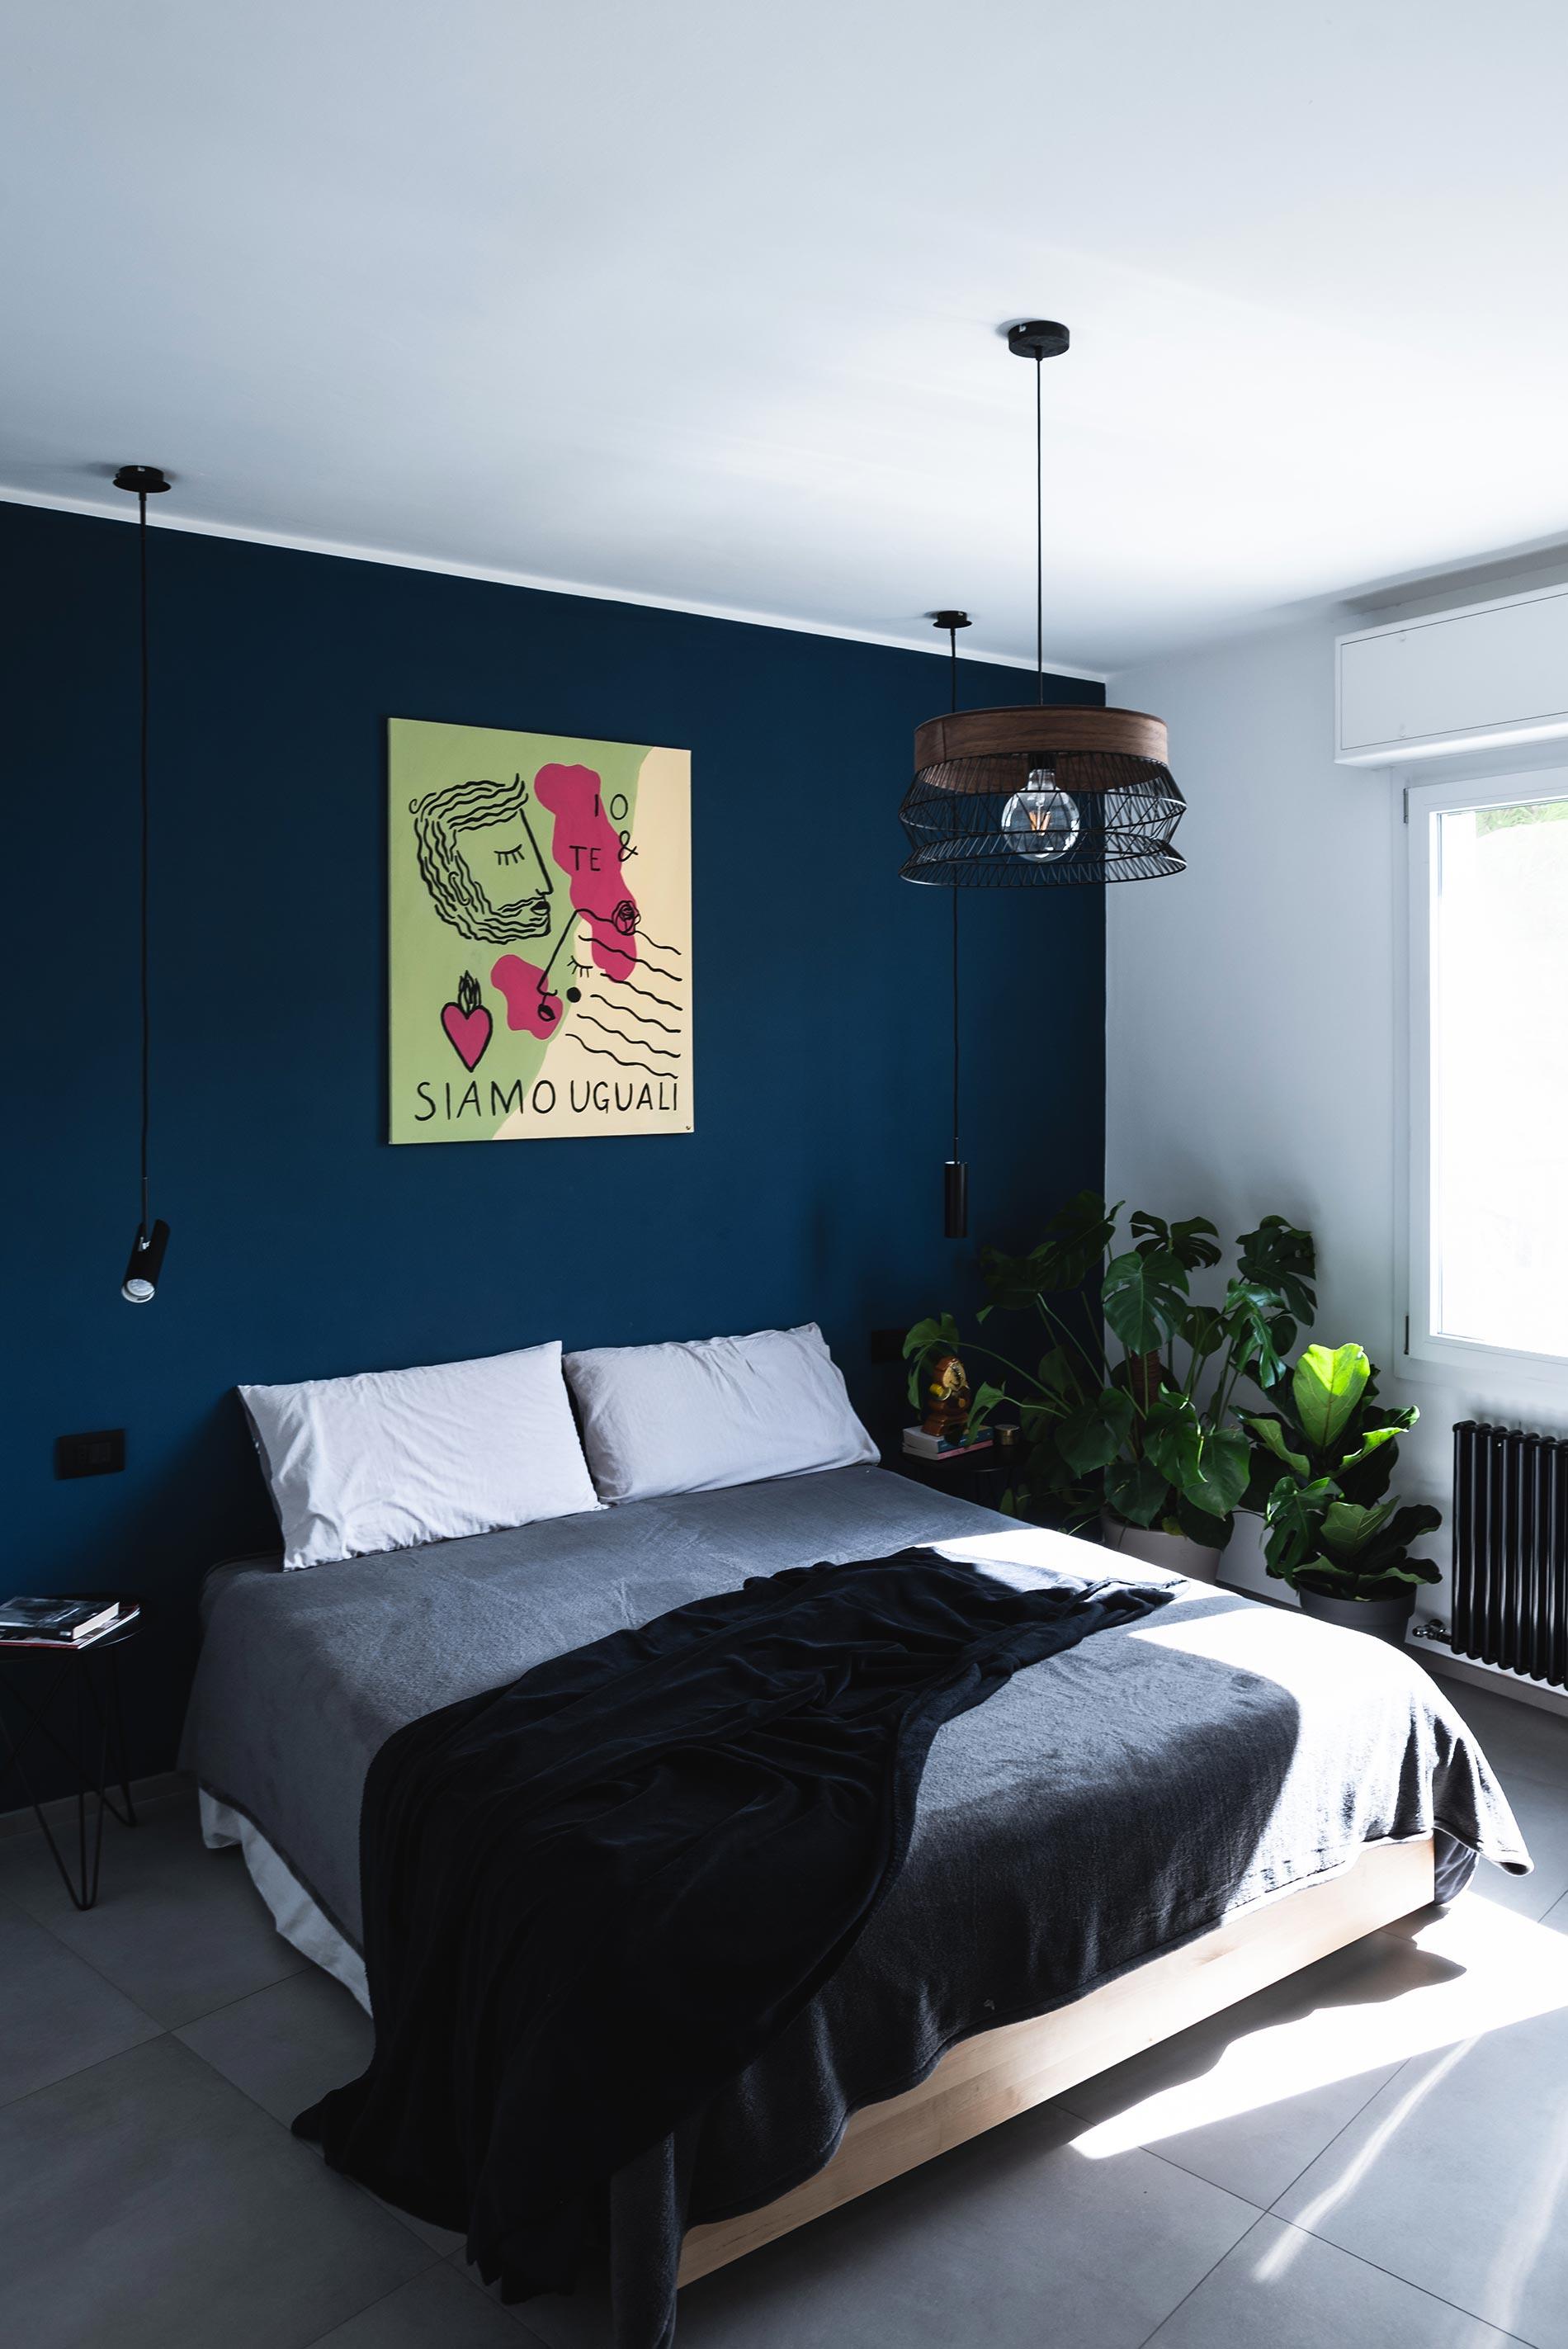 camera da letto blu design d'interni torino